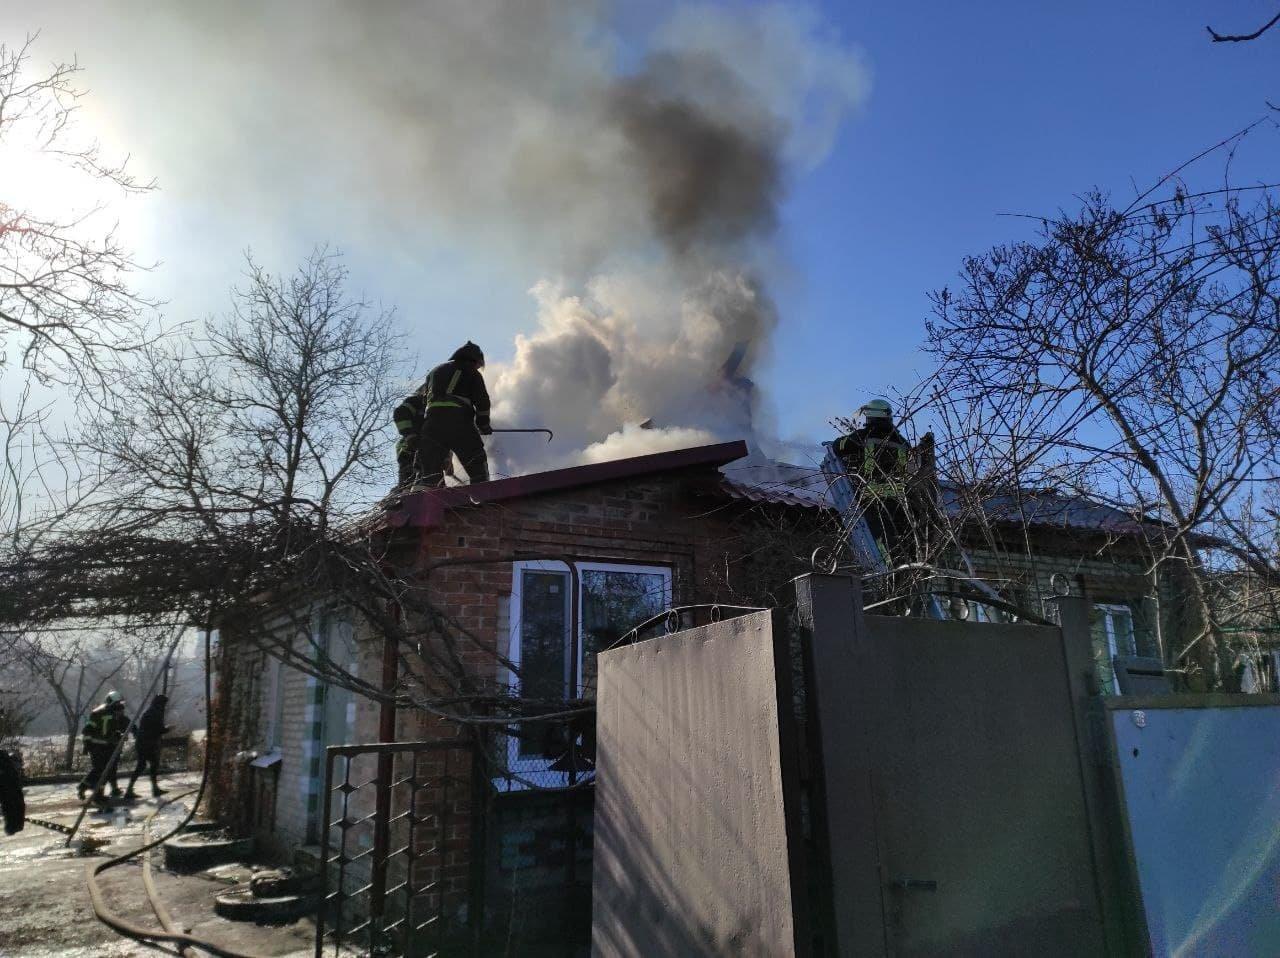 Шахраї, крадіжки та аварії - що сталося у Слов'янську за тиждень, фото-1